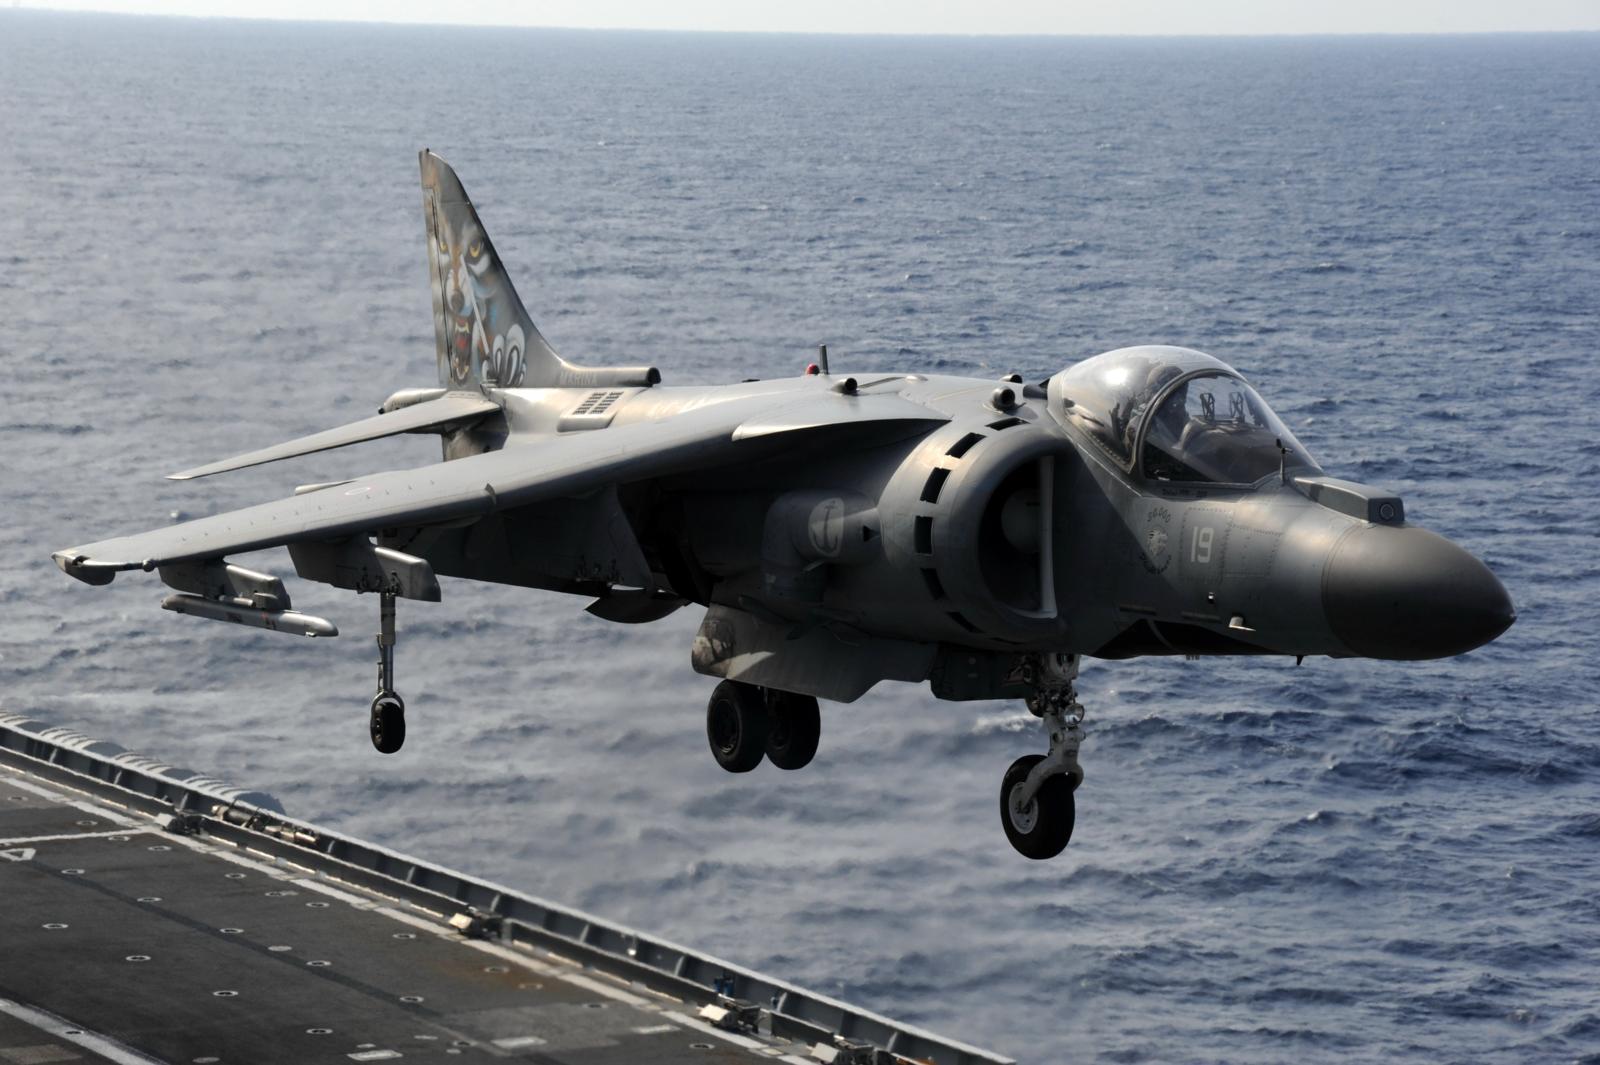 AV-8B Harrier II Plus - Militarypedia